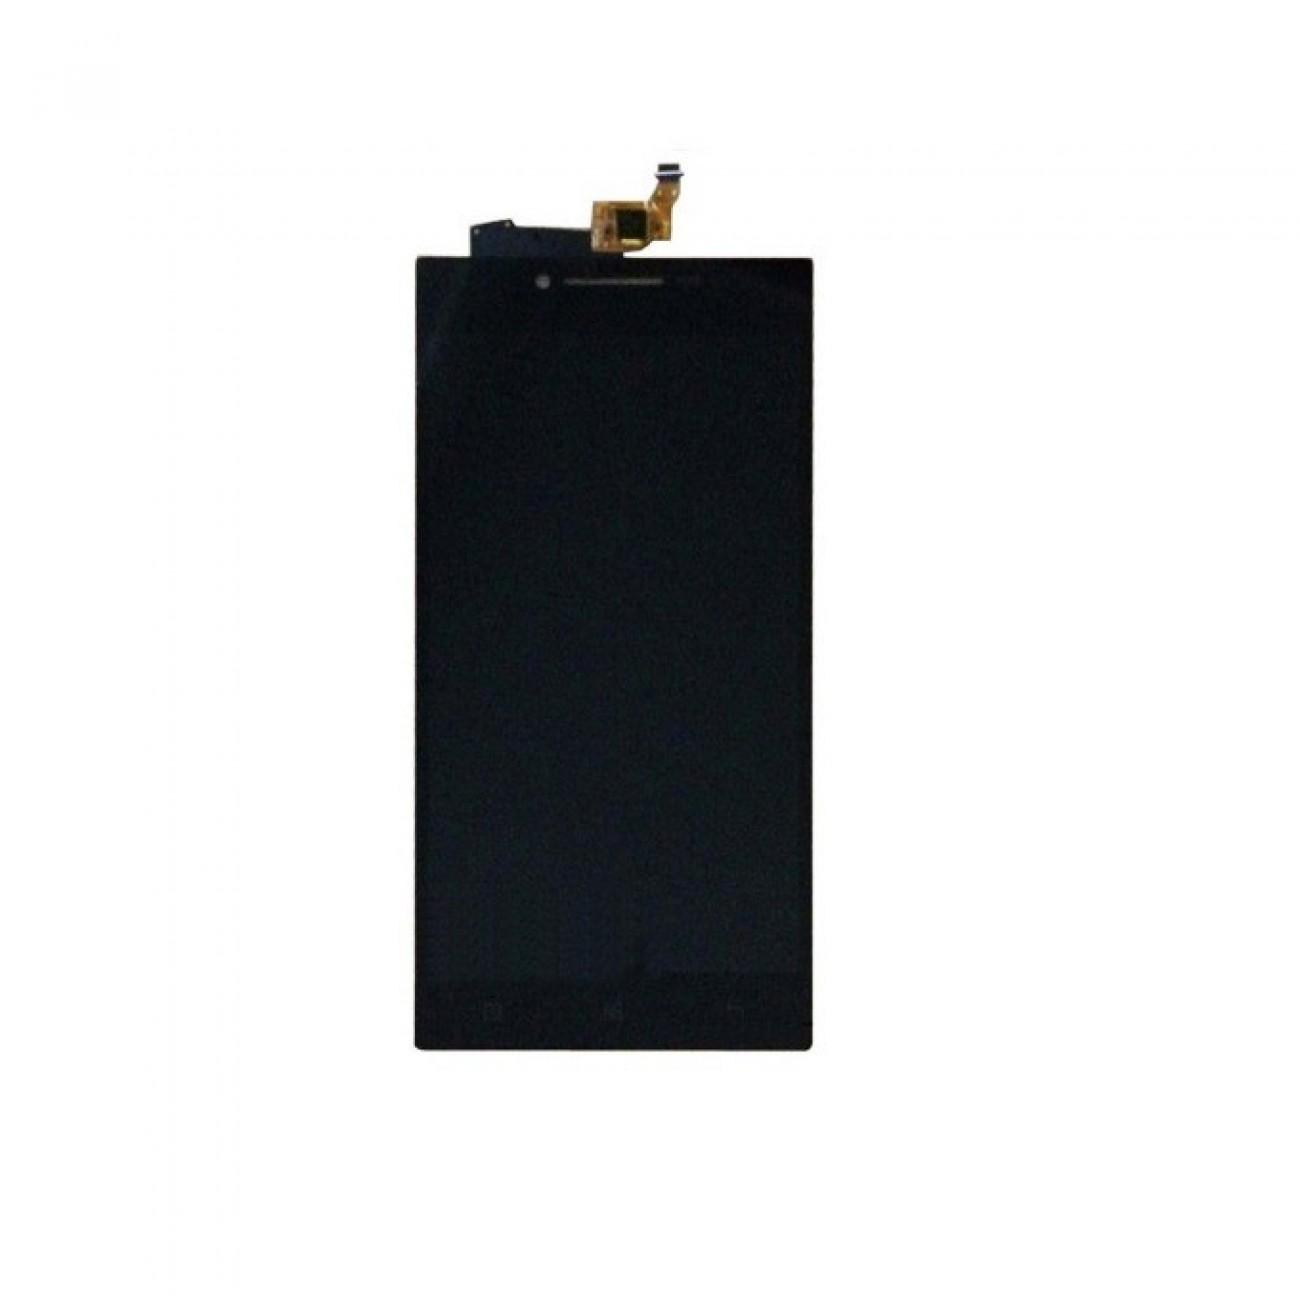 Дисплей за Lenovo P70, LCD with touch, черен в Резервни части -  | Alleop